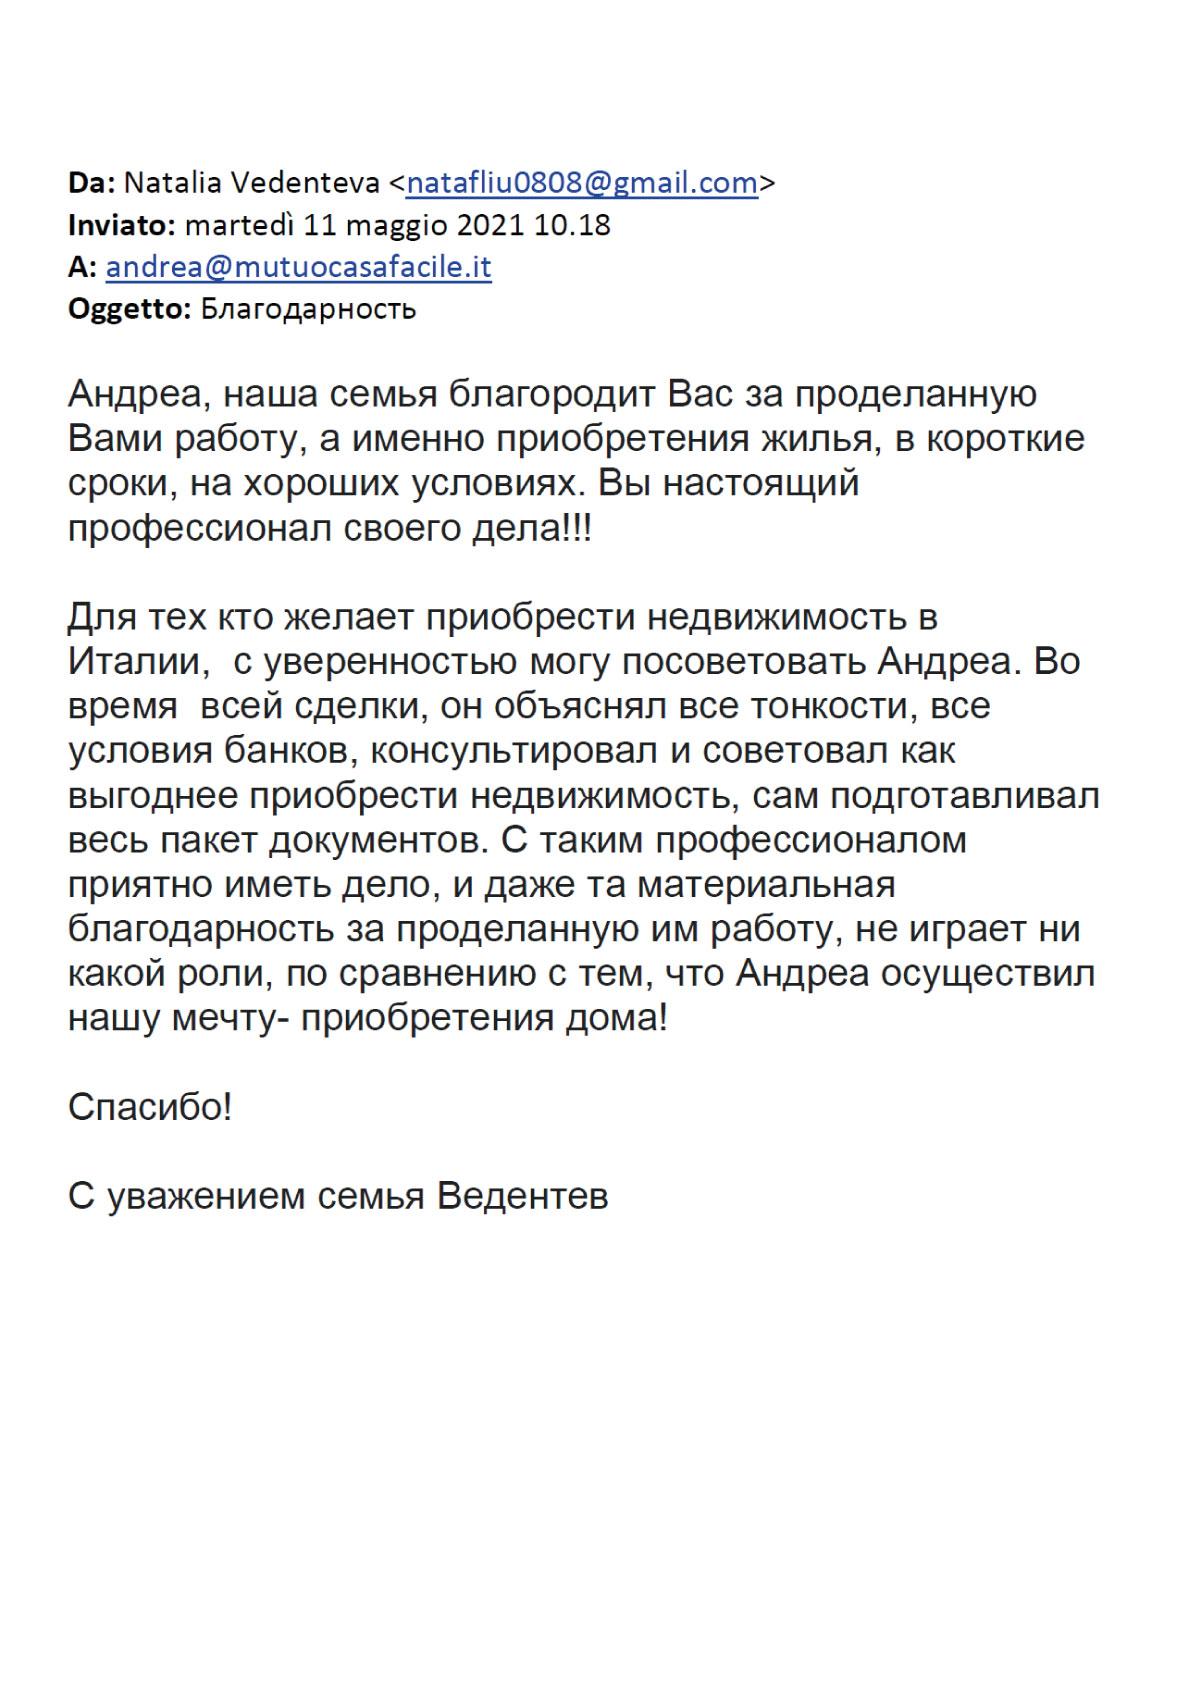 Recensione-Natalia-Vedenteva